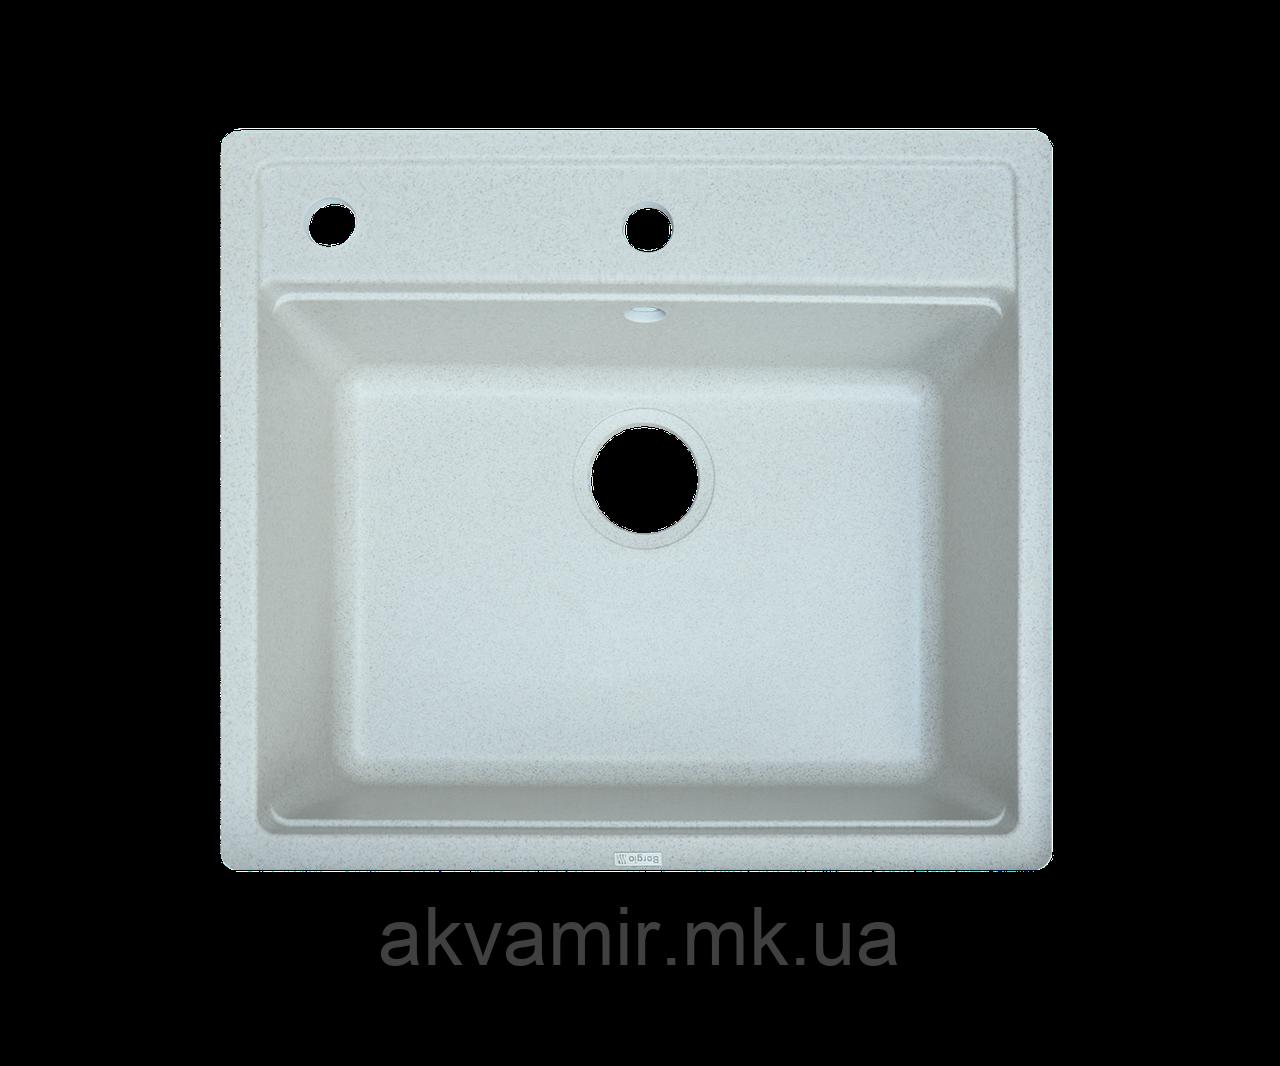 Кухонная мойка Borgio (гранит) Q 570x510 (серый камень)